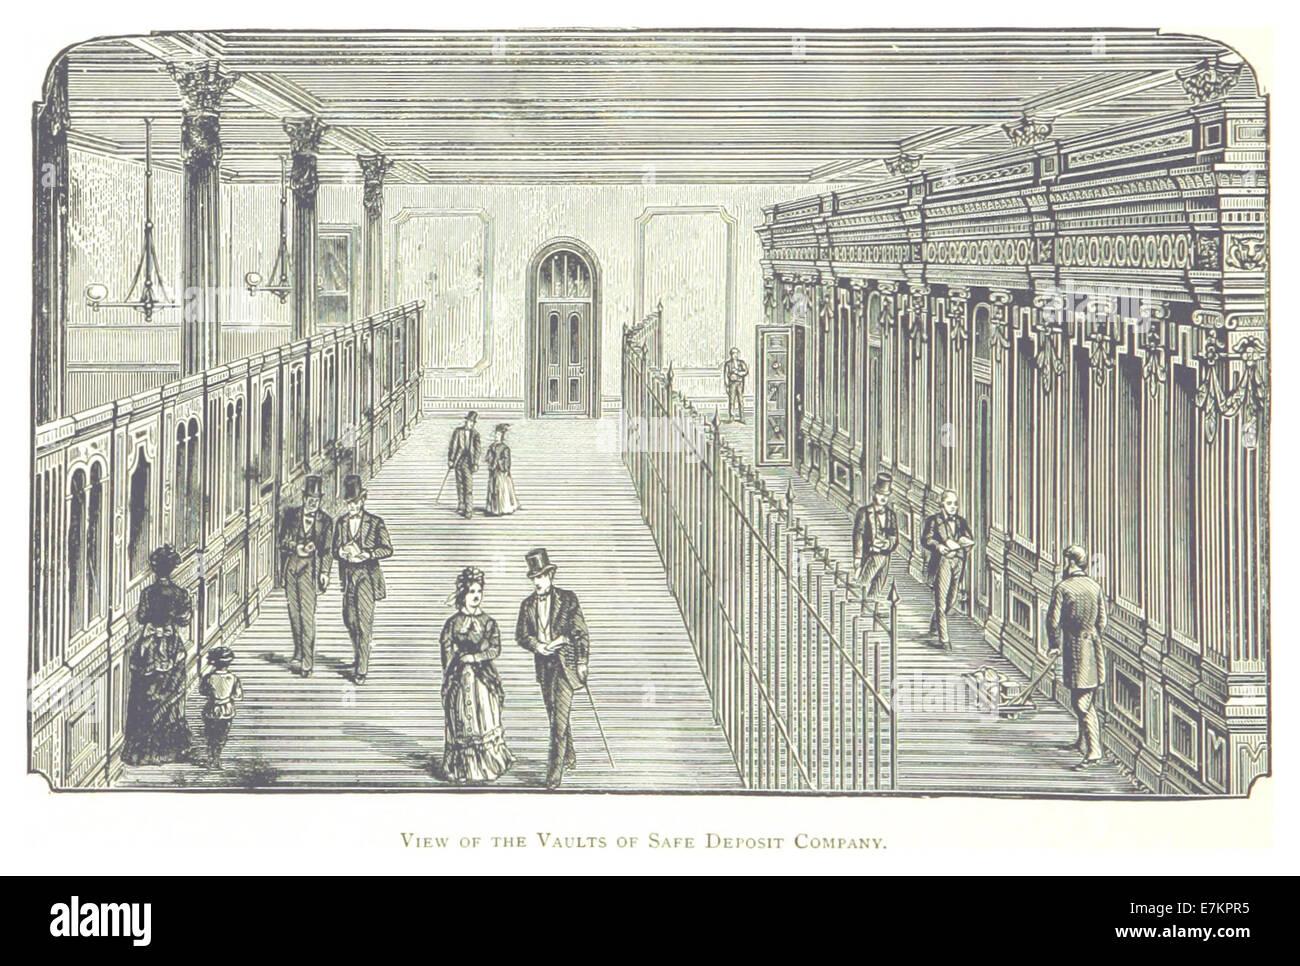 Bank Vaults Stock Photos & Bank Vaults Stock Images - Alamy